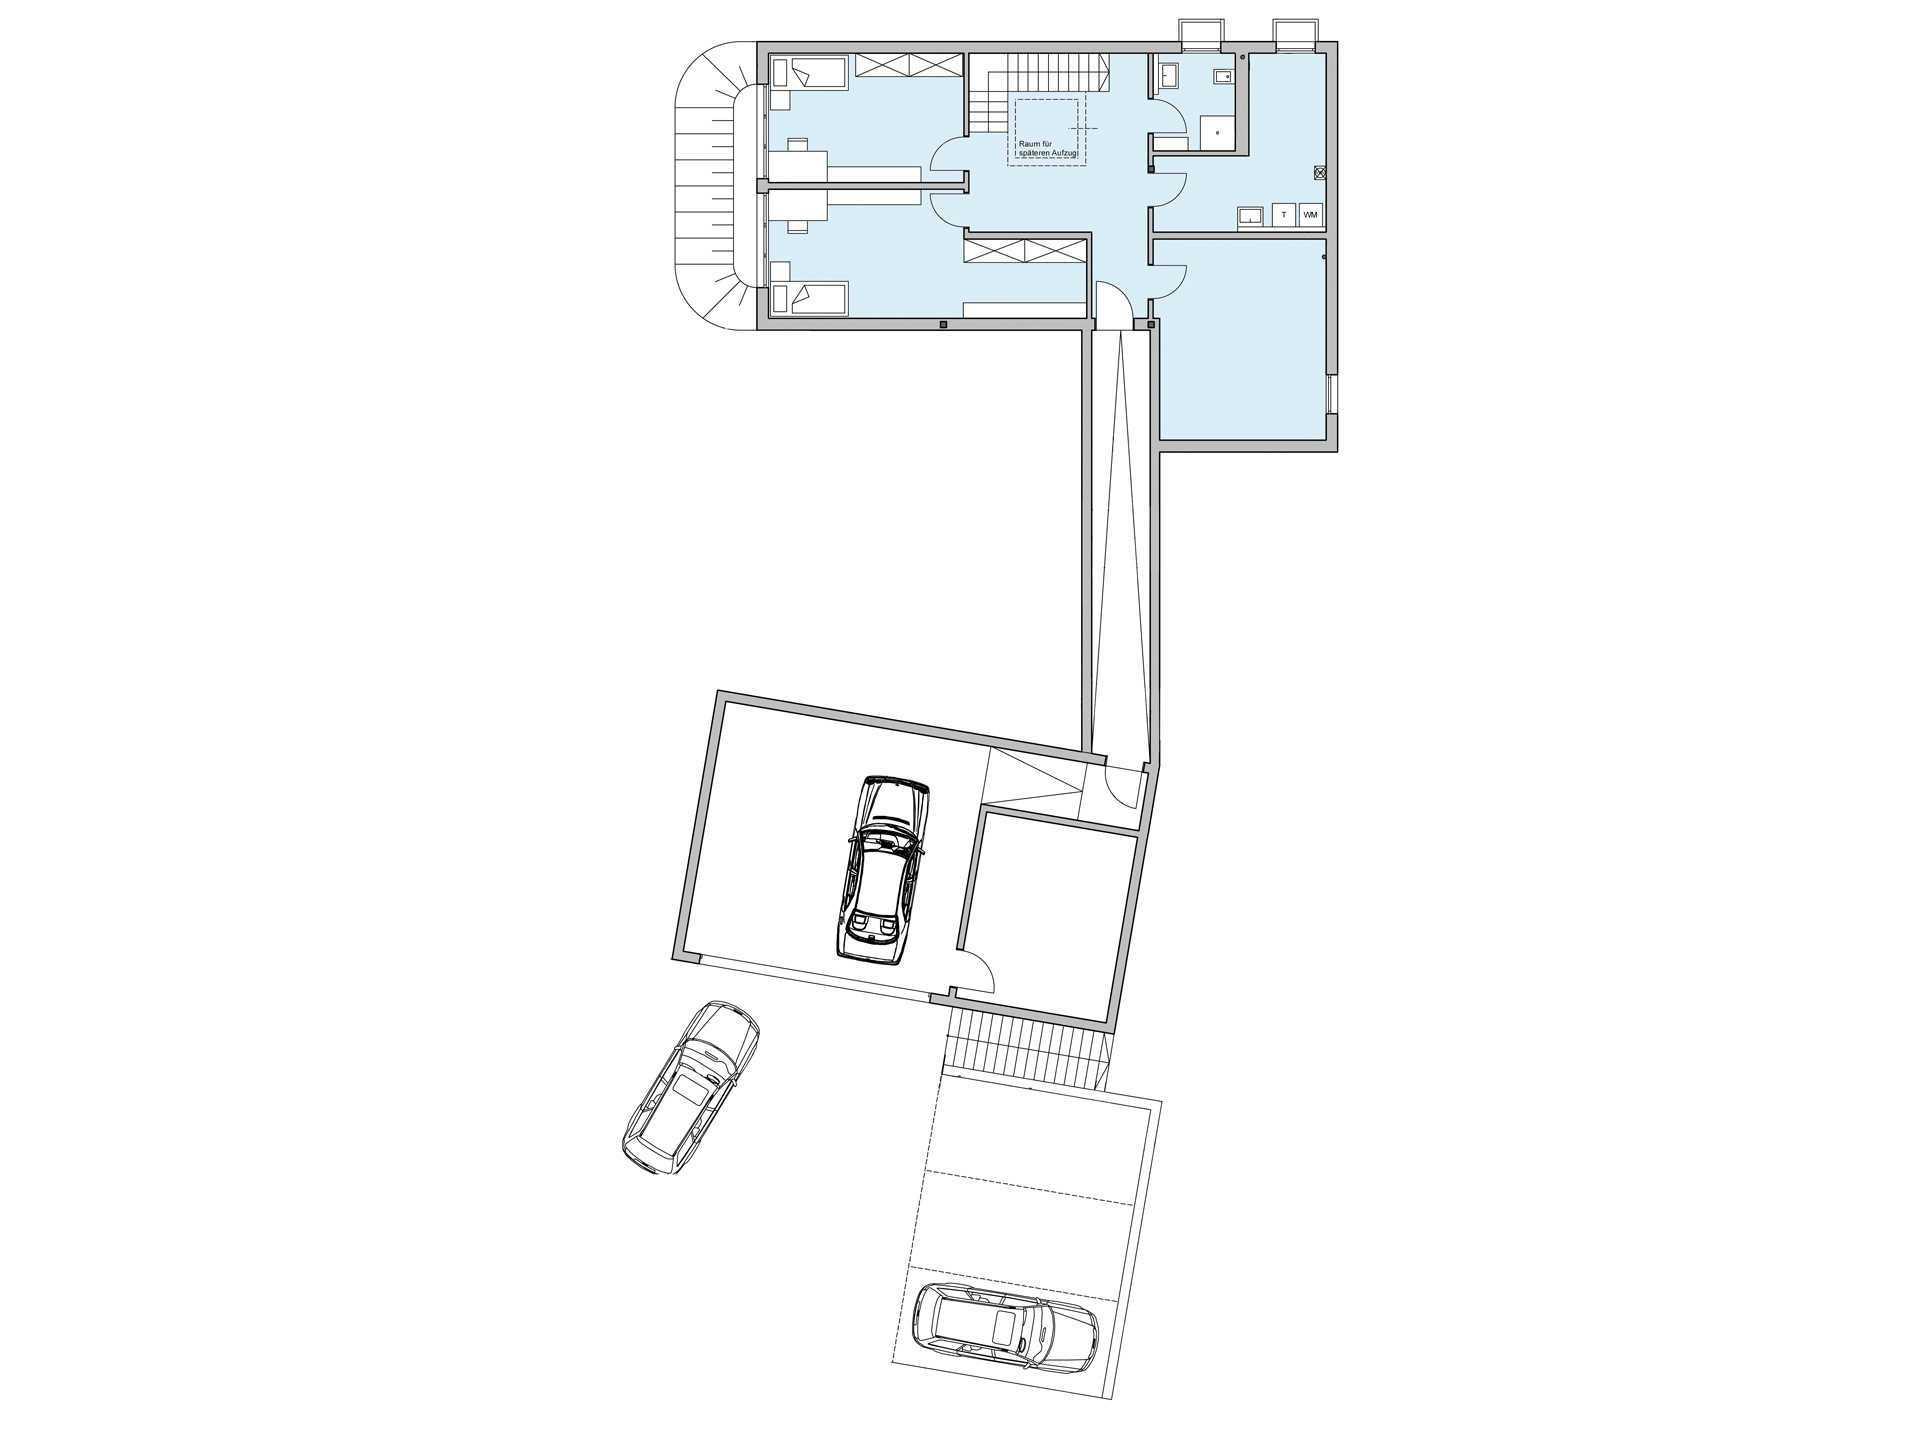 Stadtvilla Riederle - Eine Nahaufnahme eines Geräts - Gebäudeplan